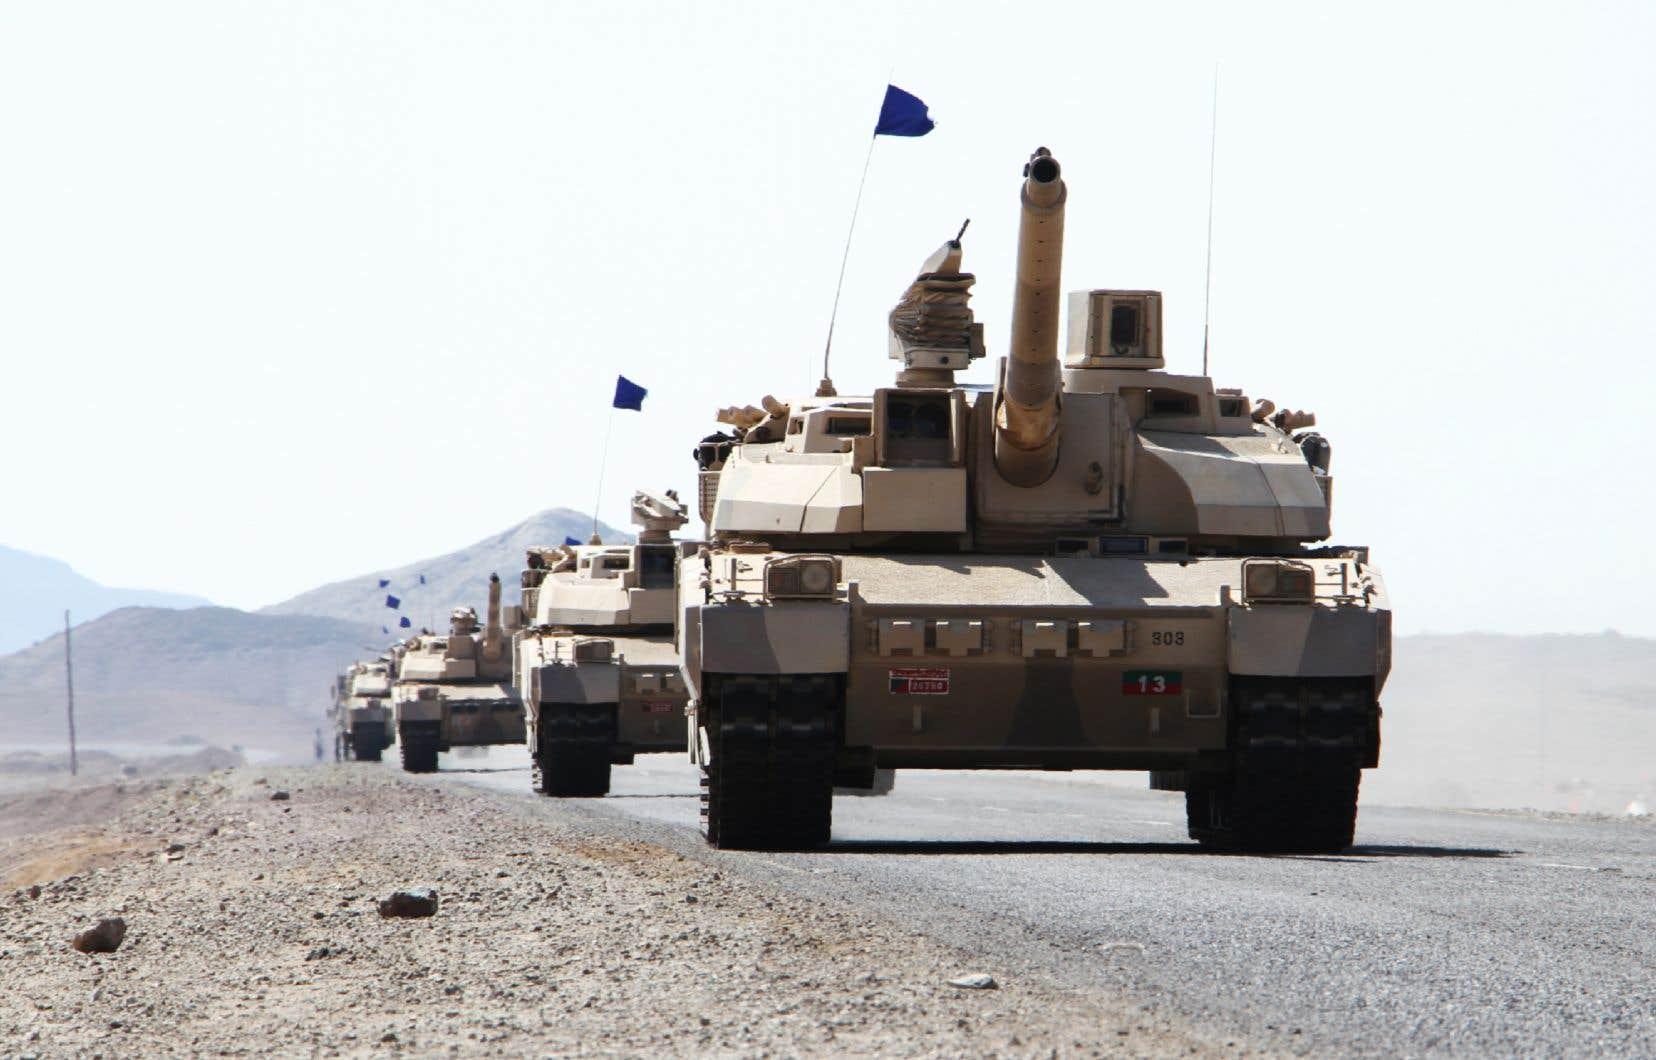 <p>Les livraisons d'armement français dans cette région se sont élevées sur la période à 3,4milliards d'euros (5,2milliards $CAD), soit plus de la moitié du montant total livré dans le monde (6,7milliards d'euros ou 10,2milliards $CAD).</p>